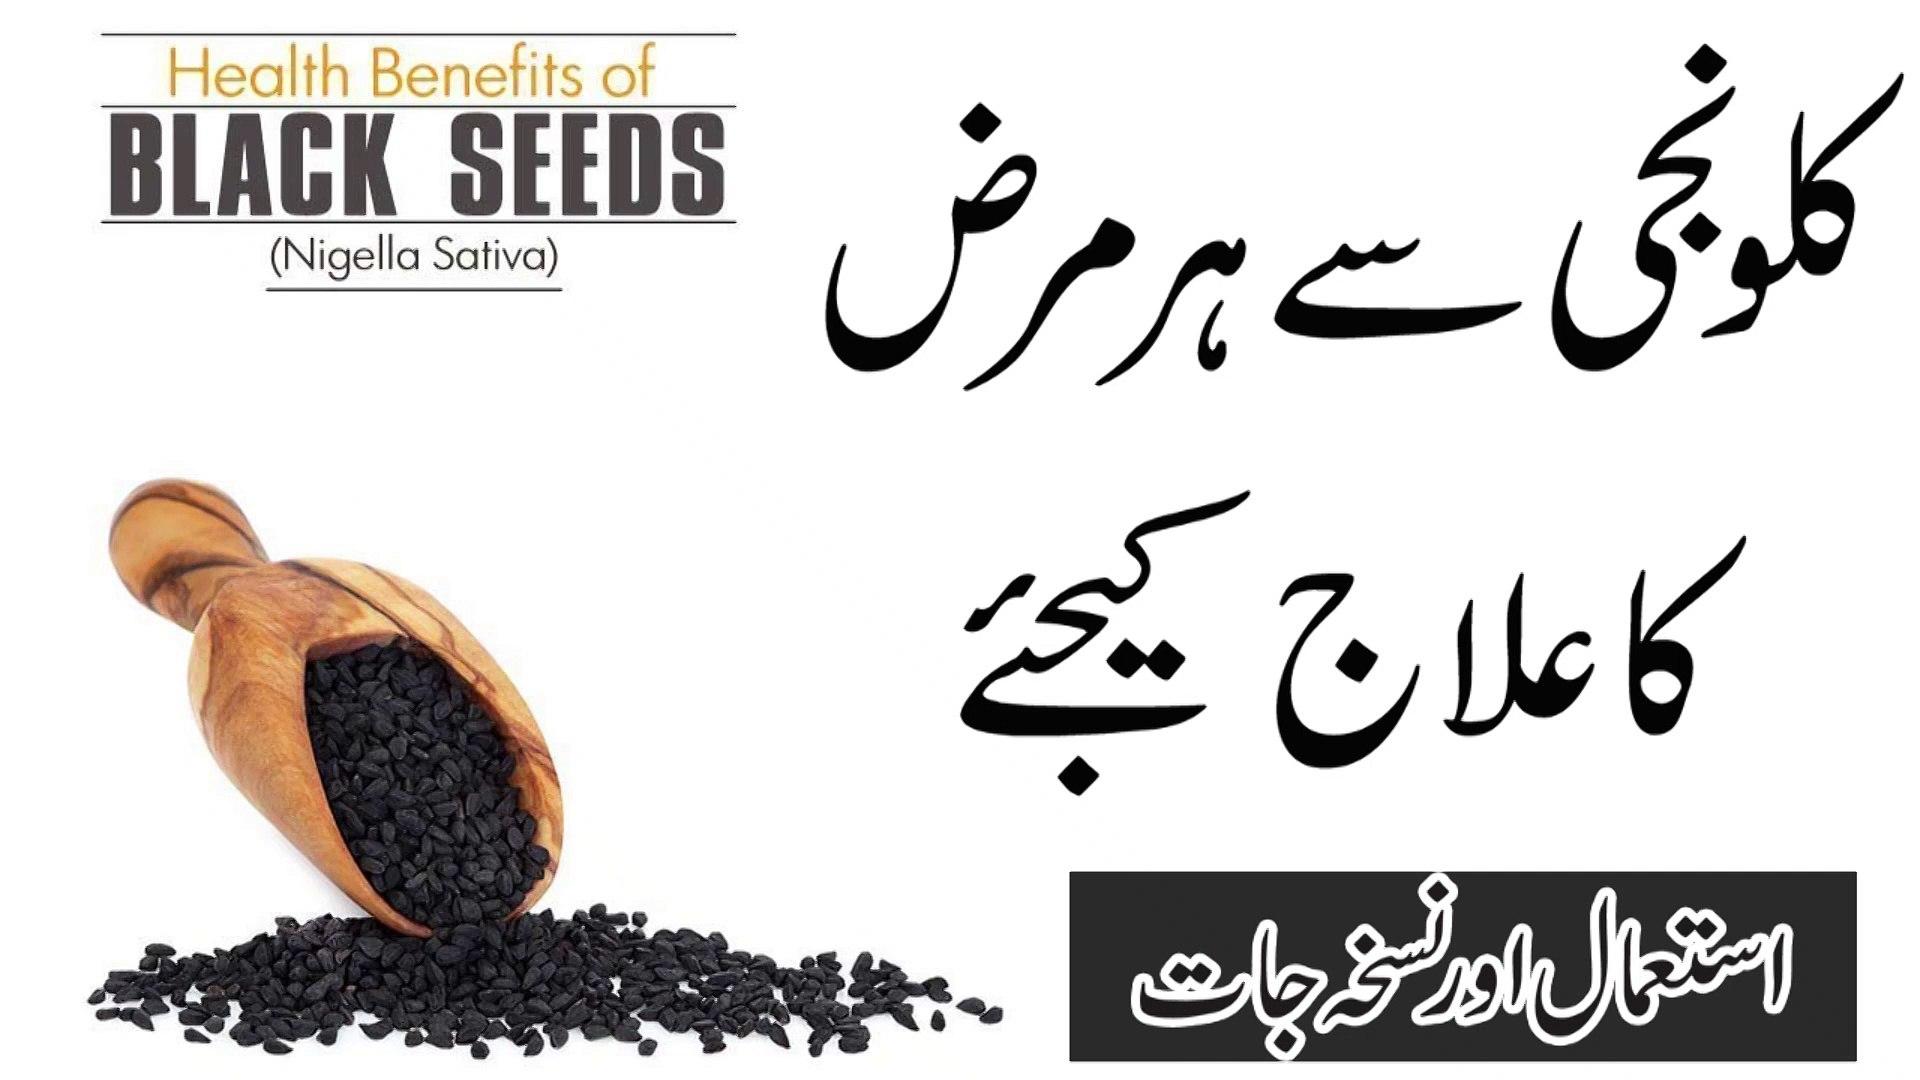 Benefits Of Black Seeds || Kalonji Ke Fayde In Urdu || کلونجی سےبڑی  بیماریوں کا آسان علاج